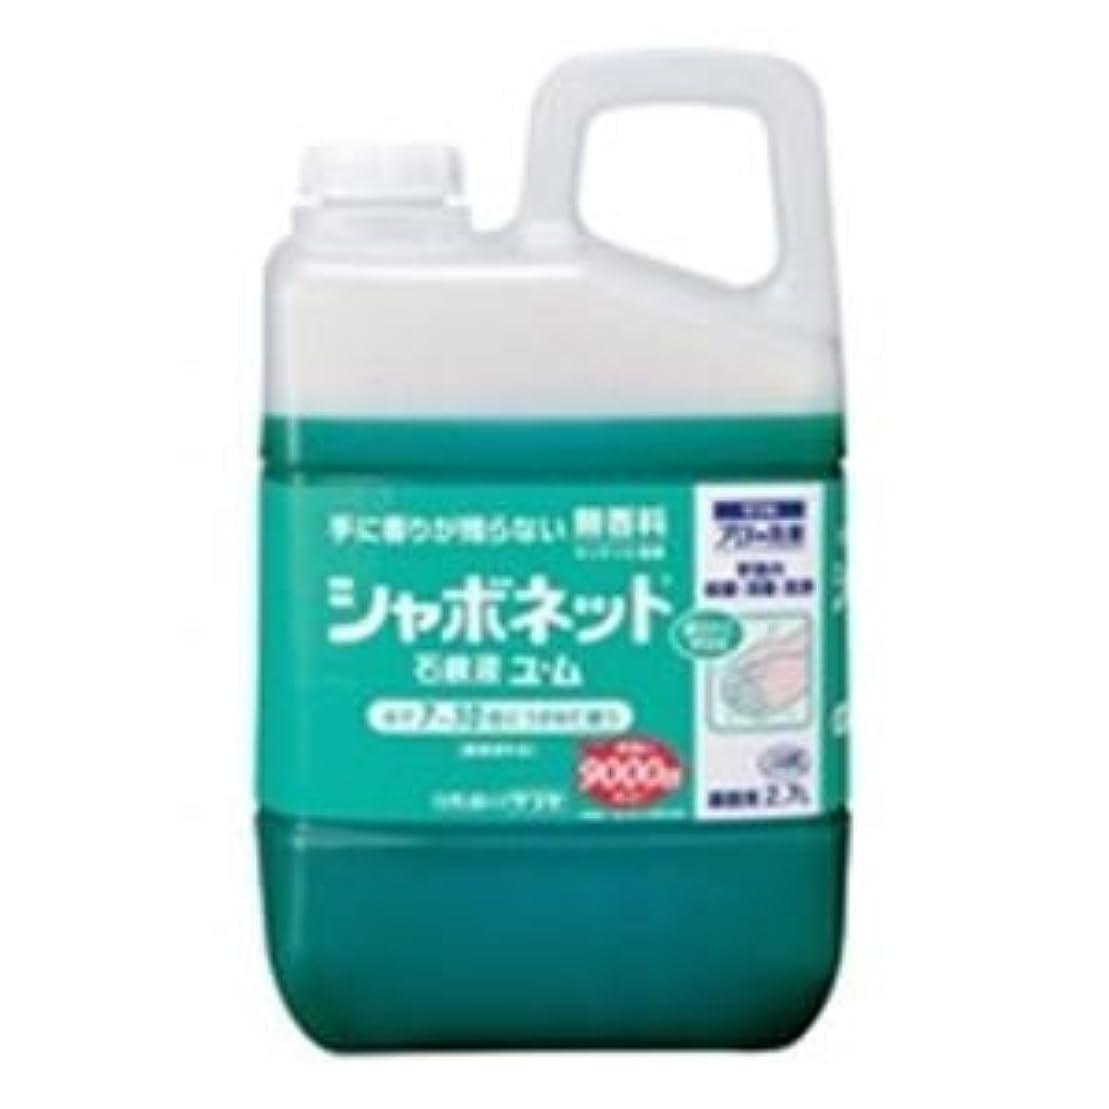 協力するドライバアイザック( お徳用 5セット ) 東京サラヤ シャボネット 石鹸液ユ?ム 2.7L